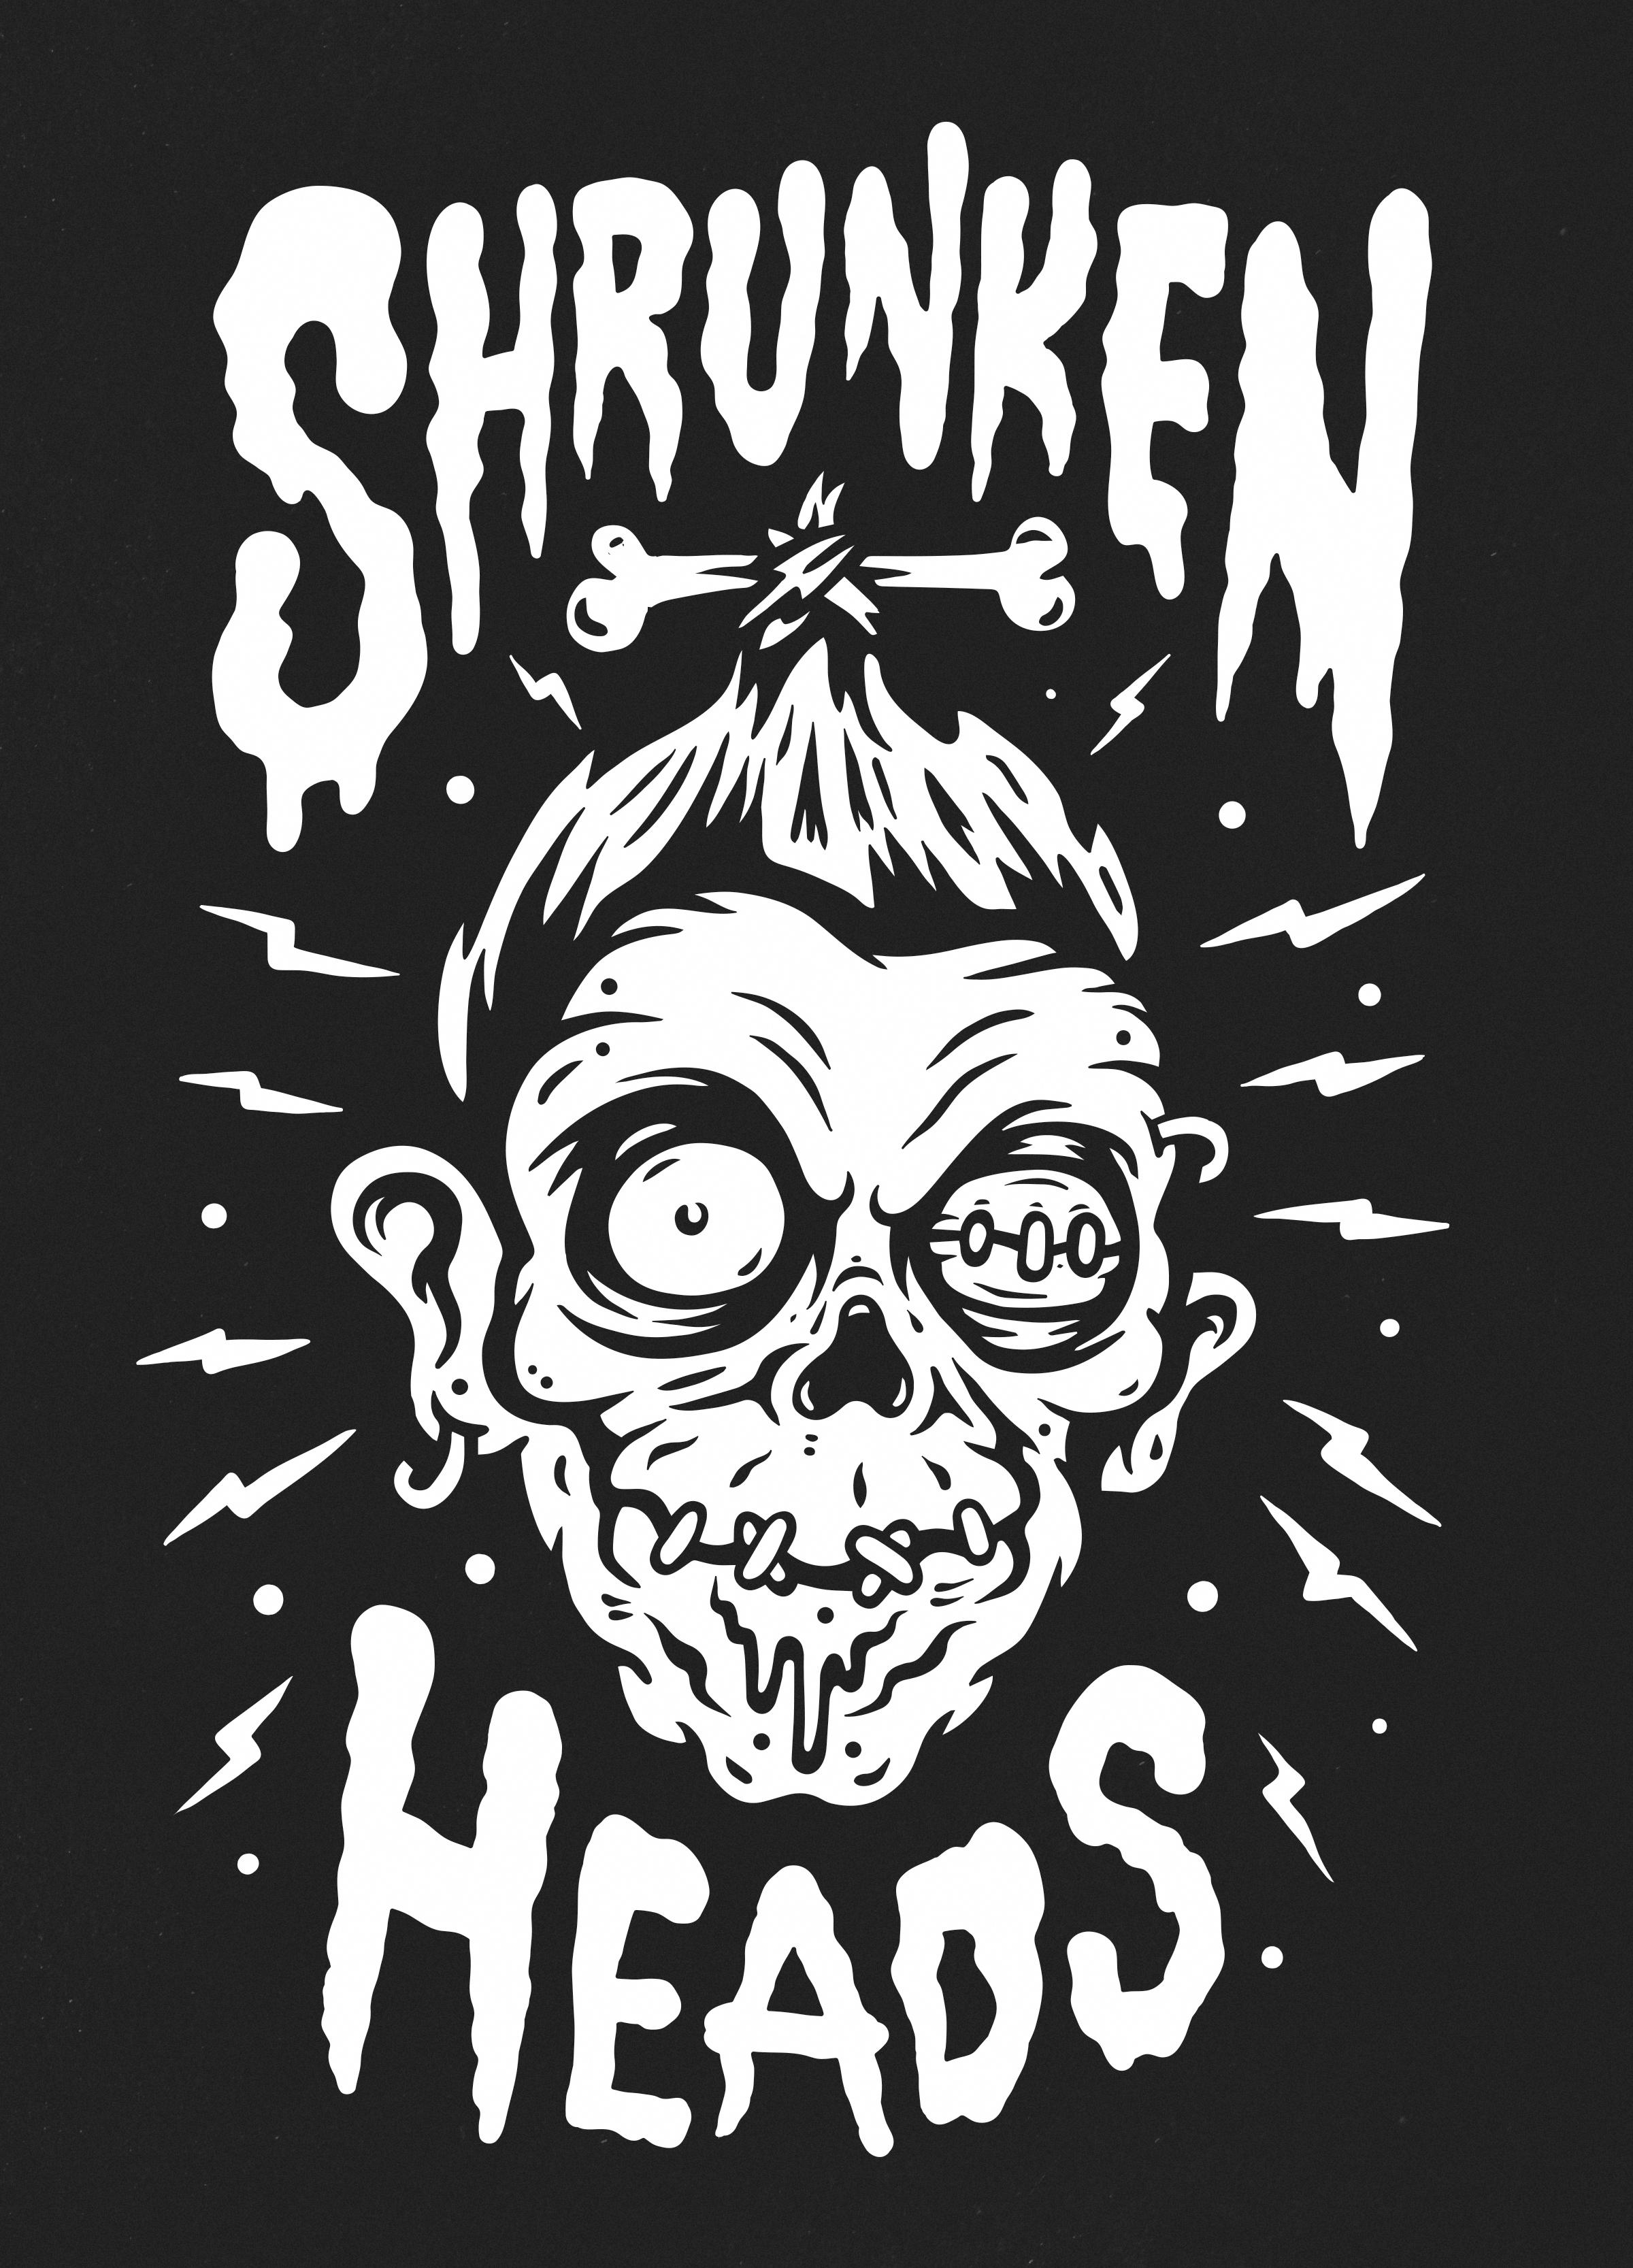 SHRUNKEN HEADS [ON BLACK - WEB].jpg